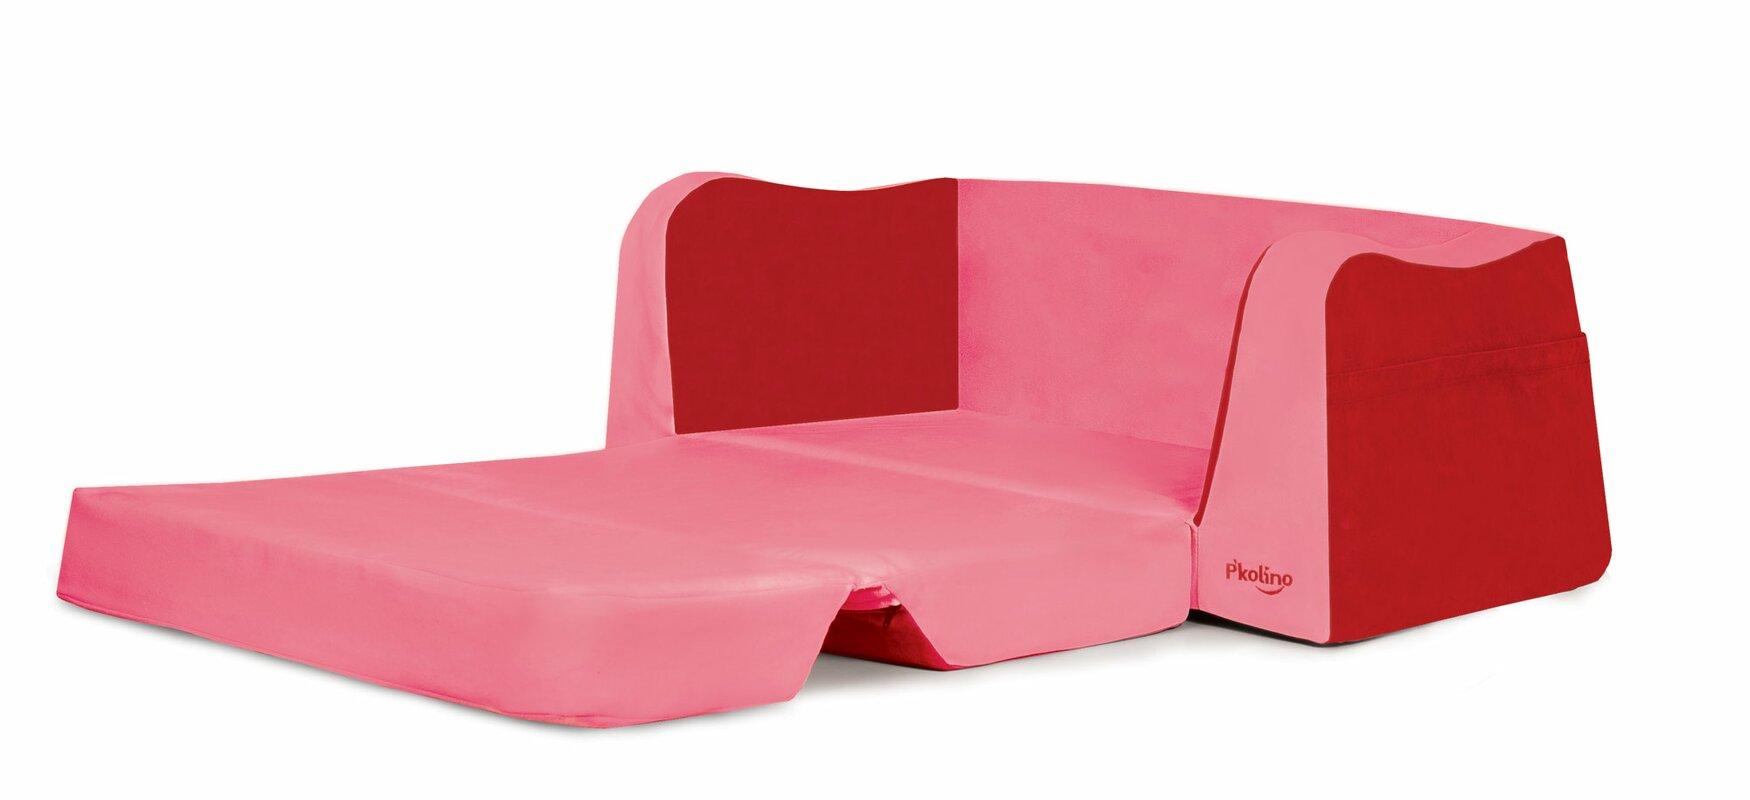 Superb Little Reader Toddler Foam Lounge Sofa